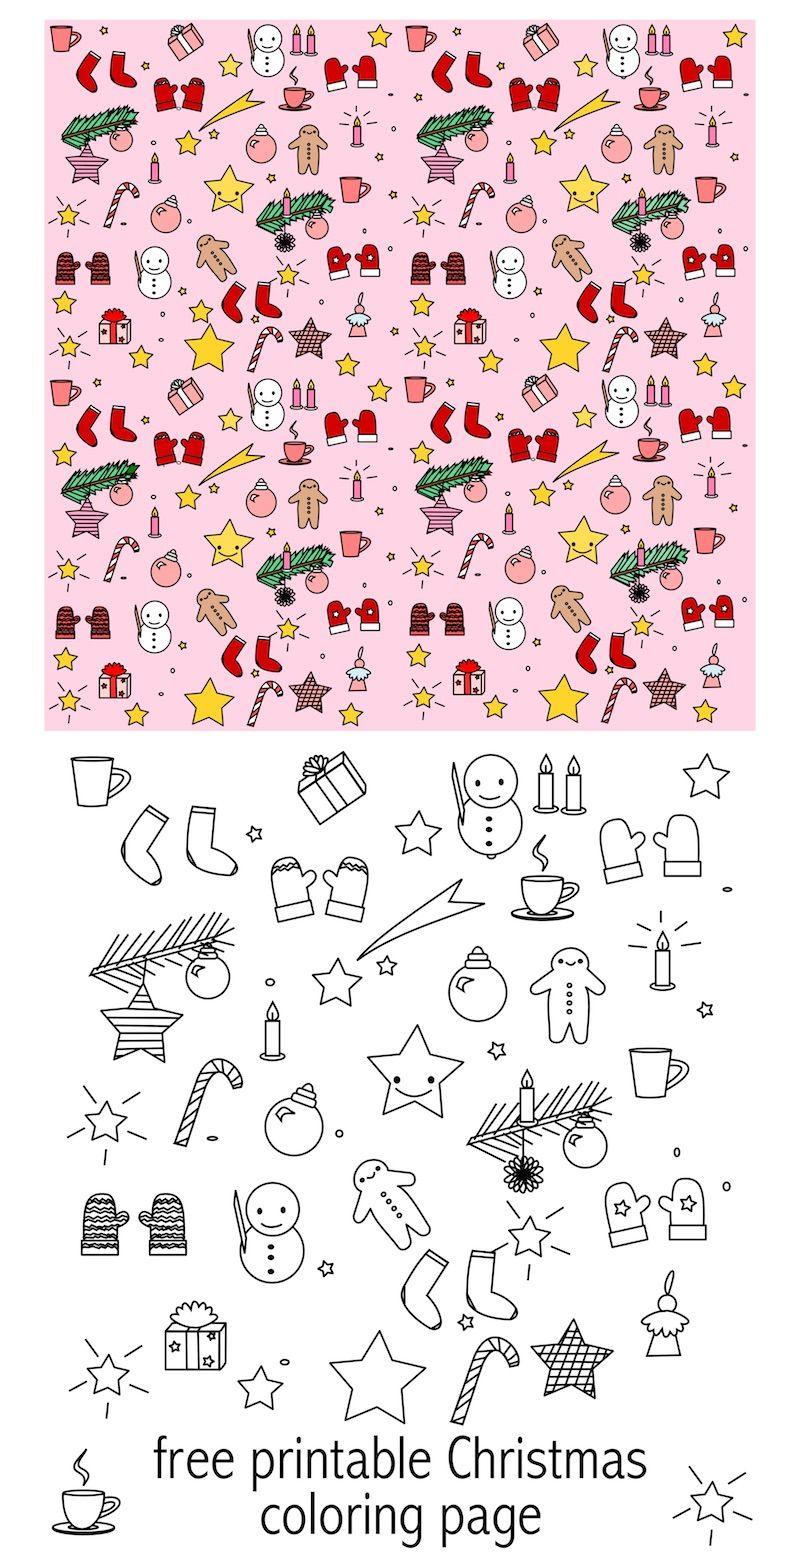 free printable christmas coloring page colored kawaii paper